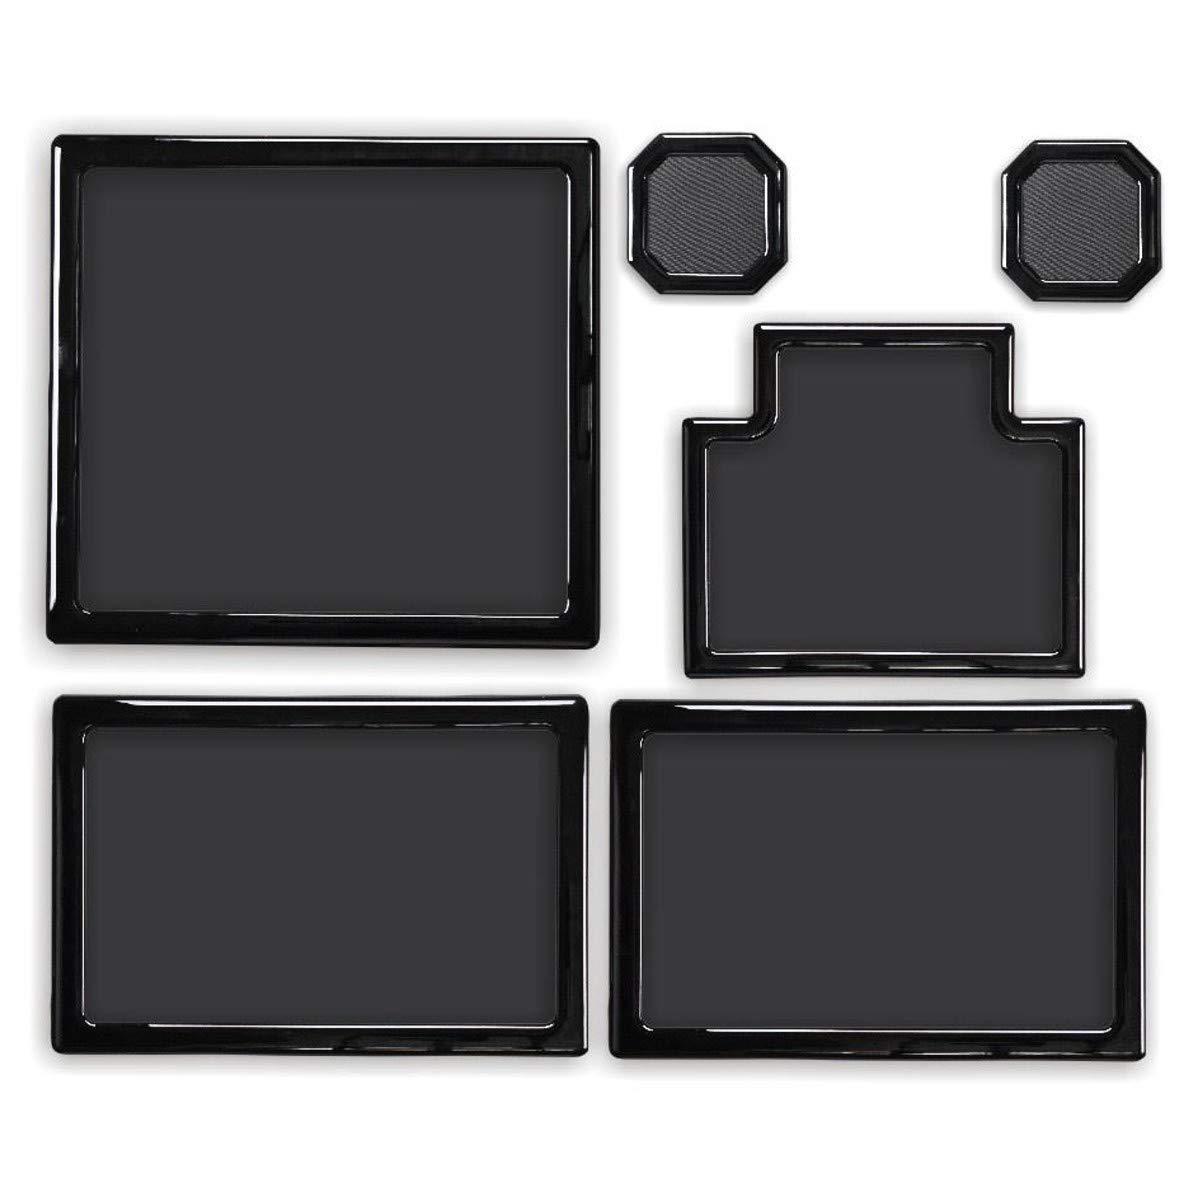 DEMCiflex Dust Filter Kit for Thermaltake Core V1, Black Frame/Black Mesh